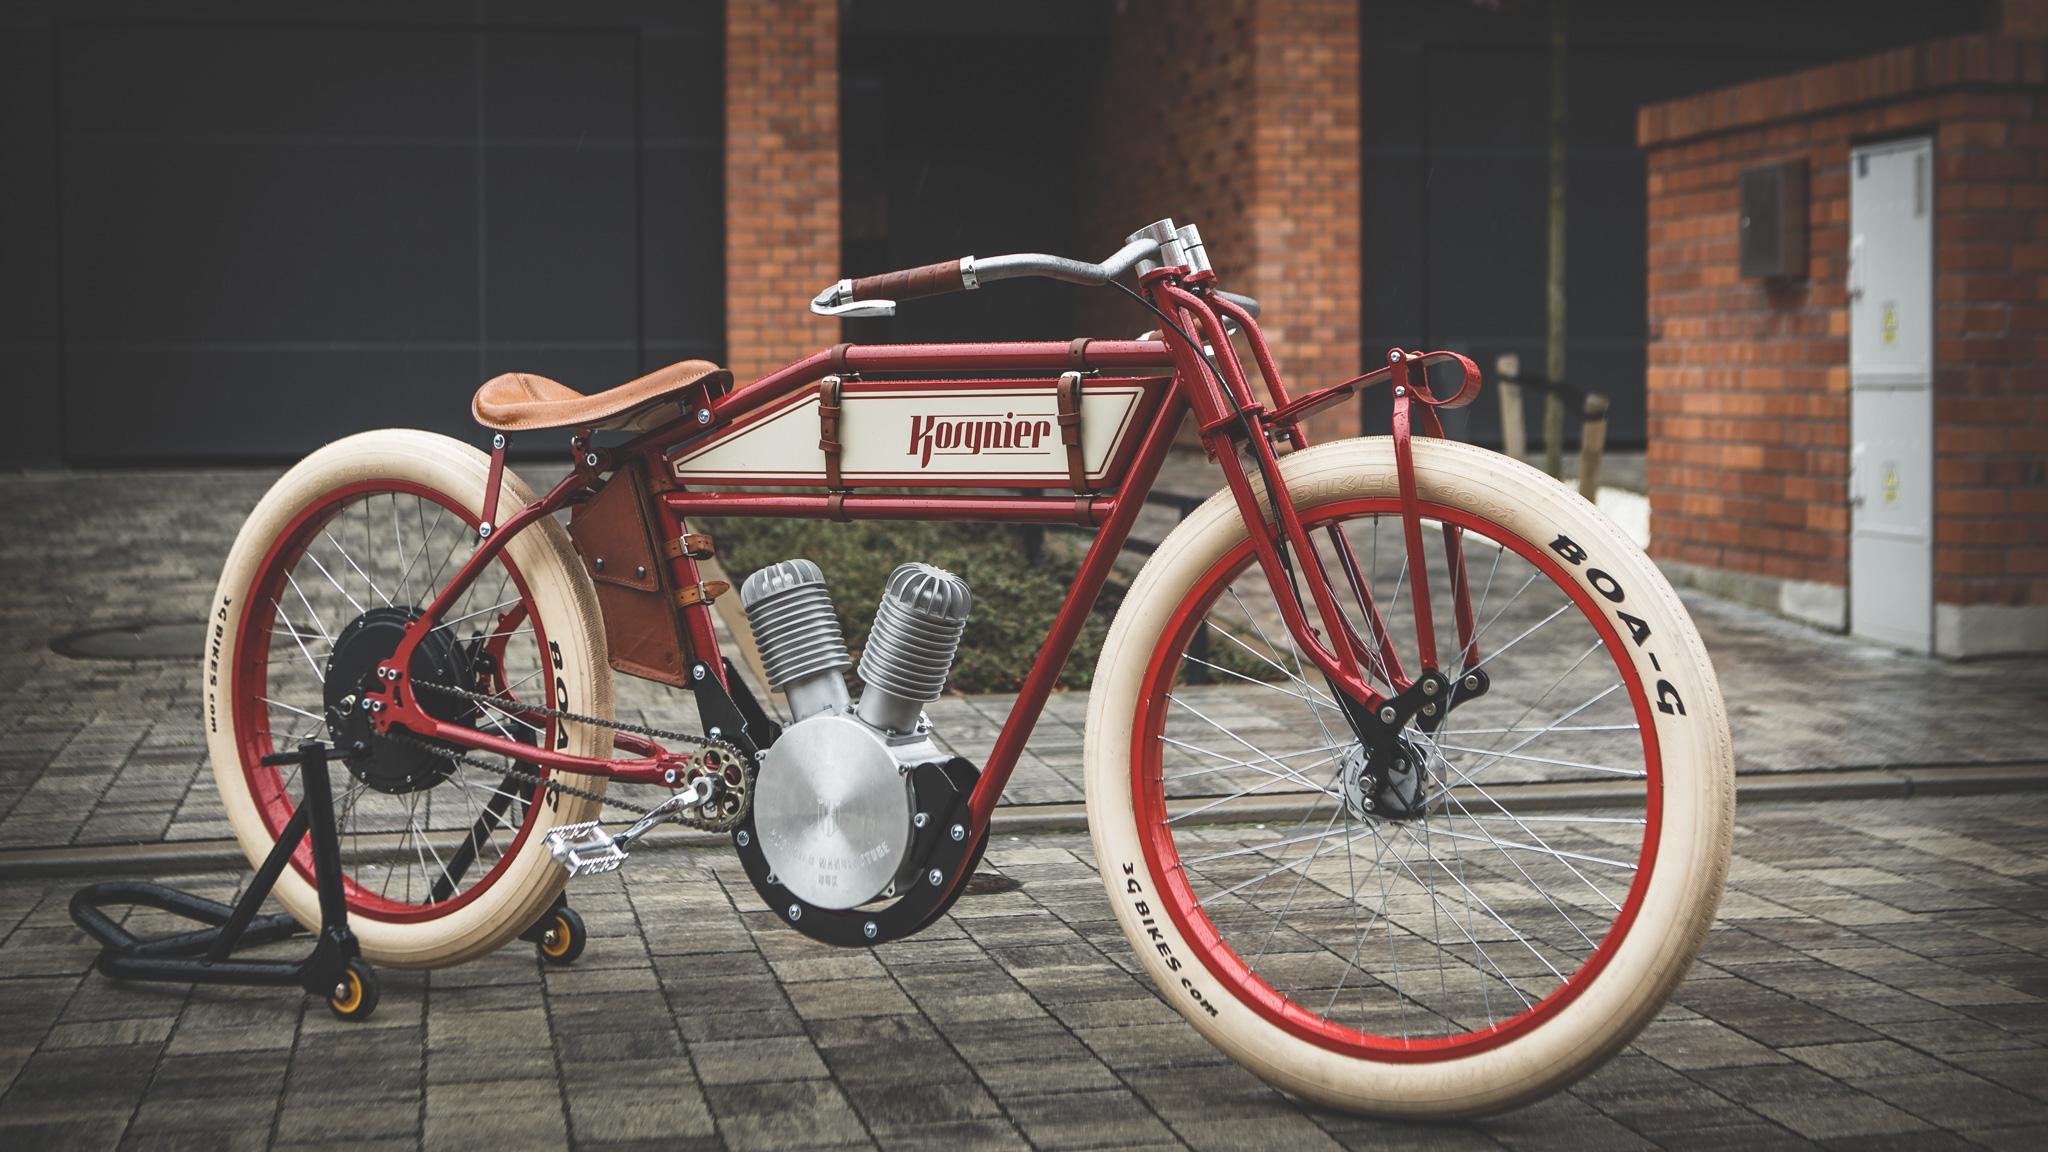 Kosynier E Bike Retr 242 In Cerca Di Futuro